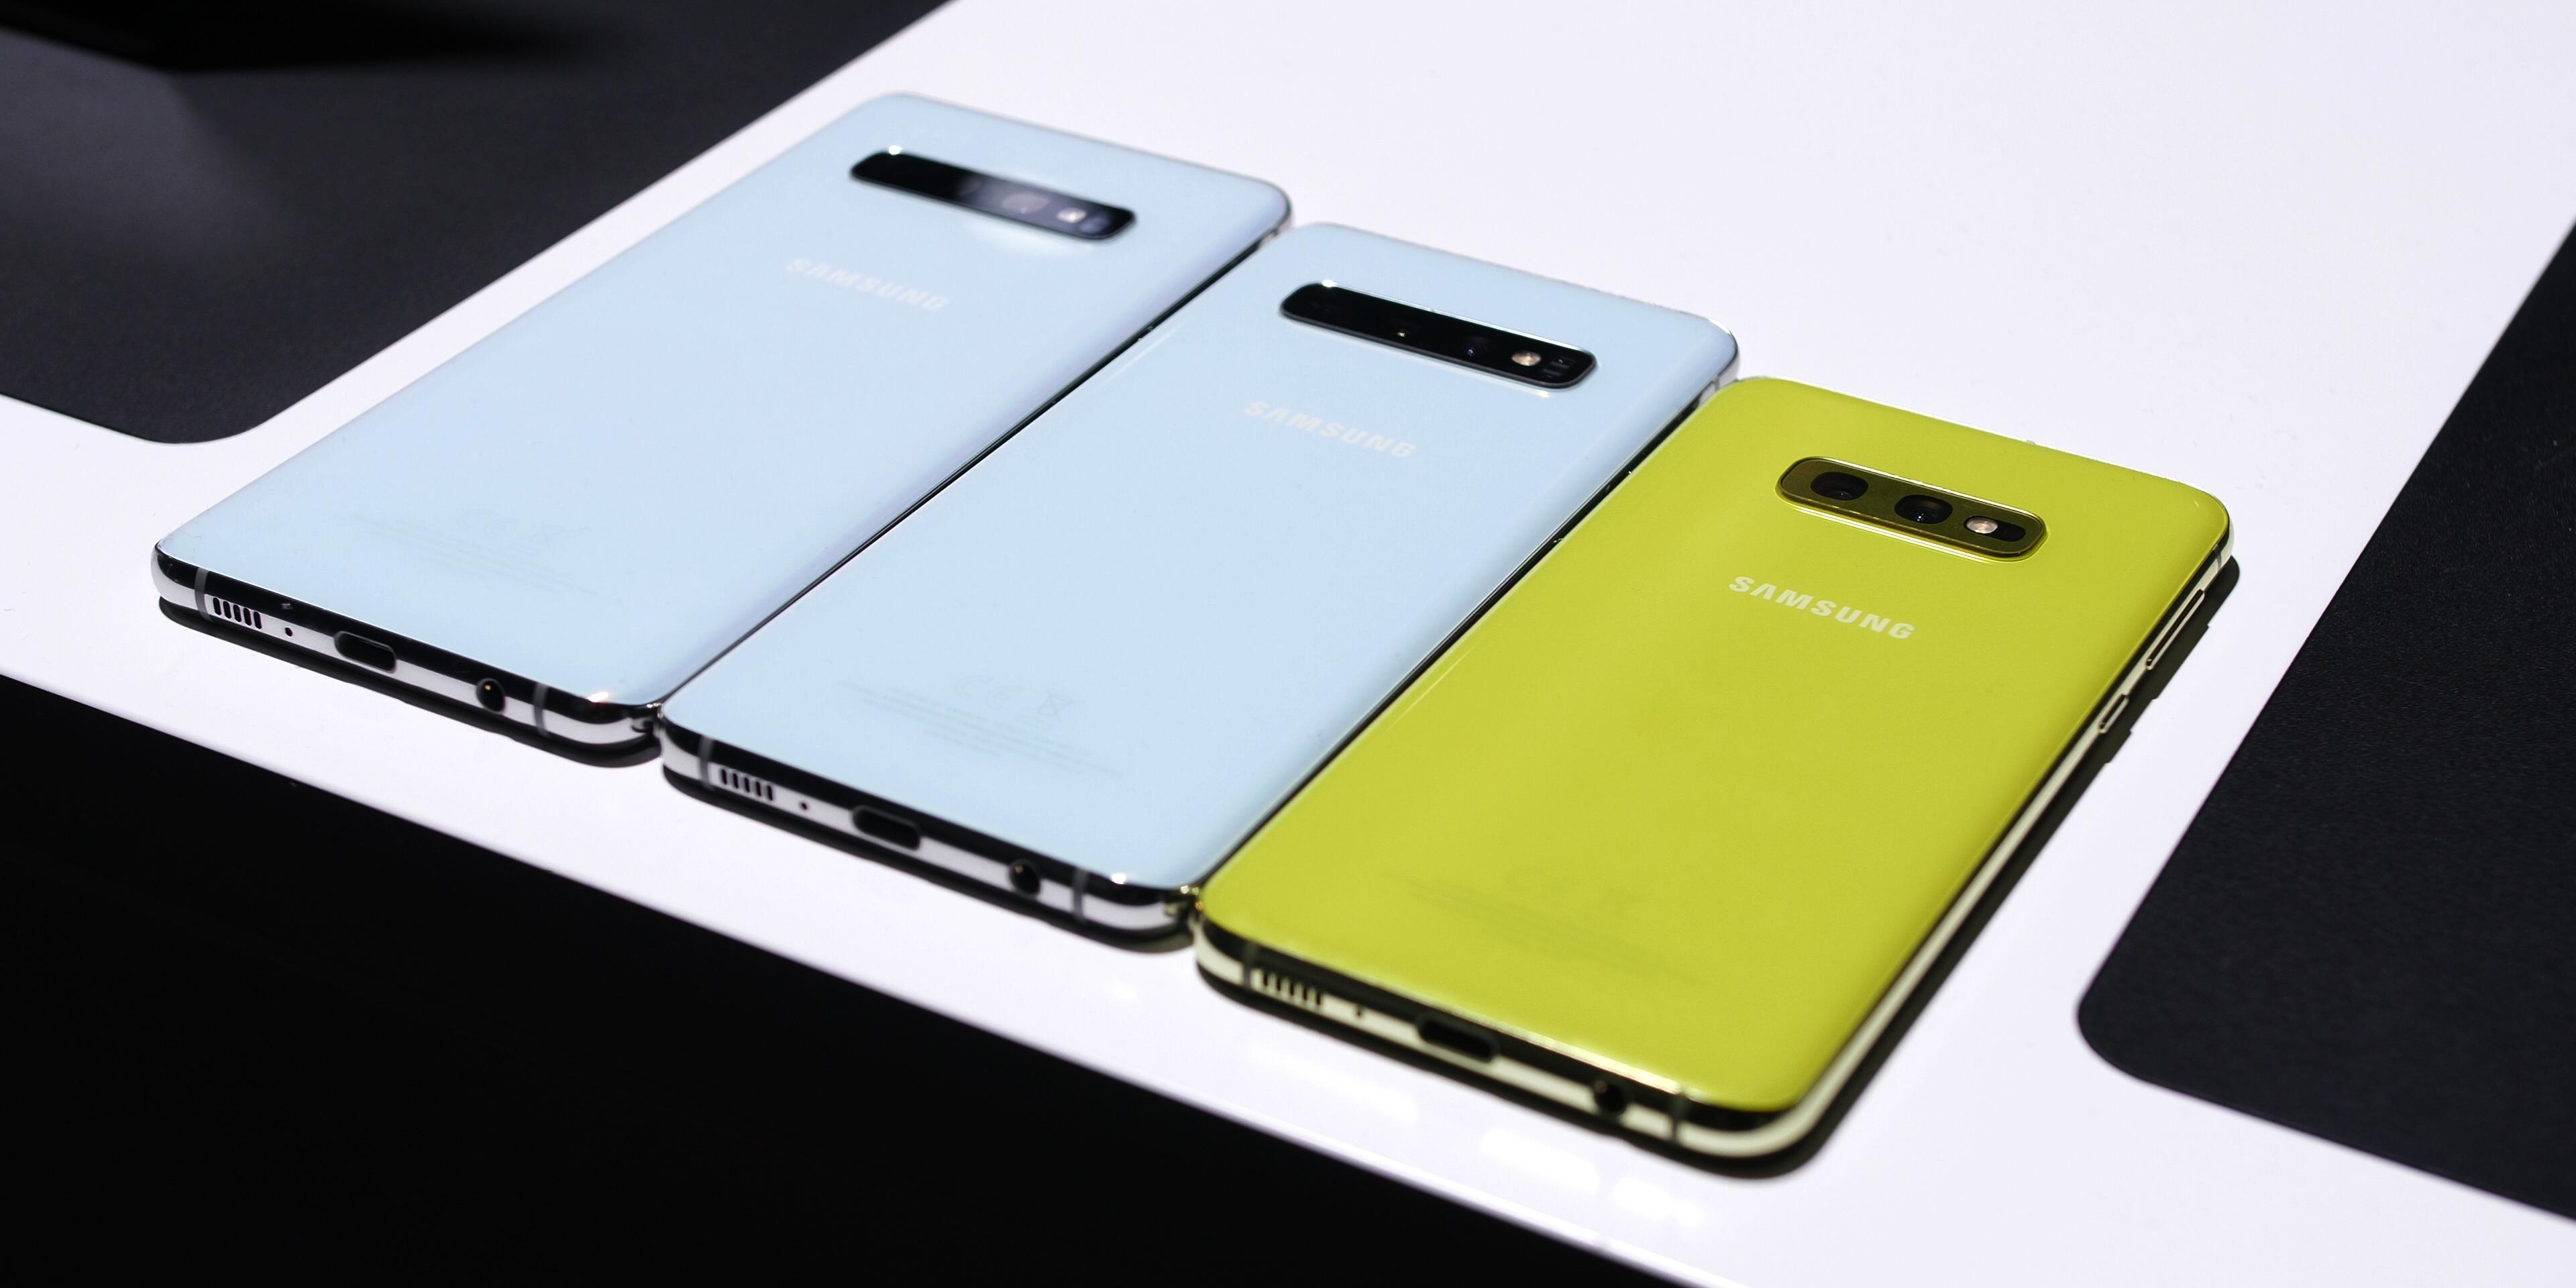 Samsung Galaxy S10e, S10, and S10+